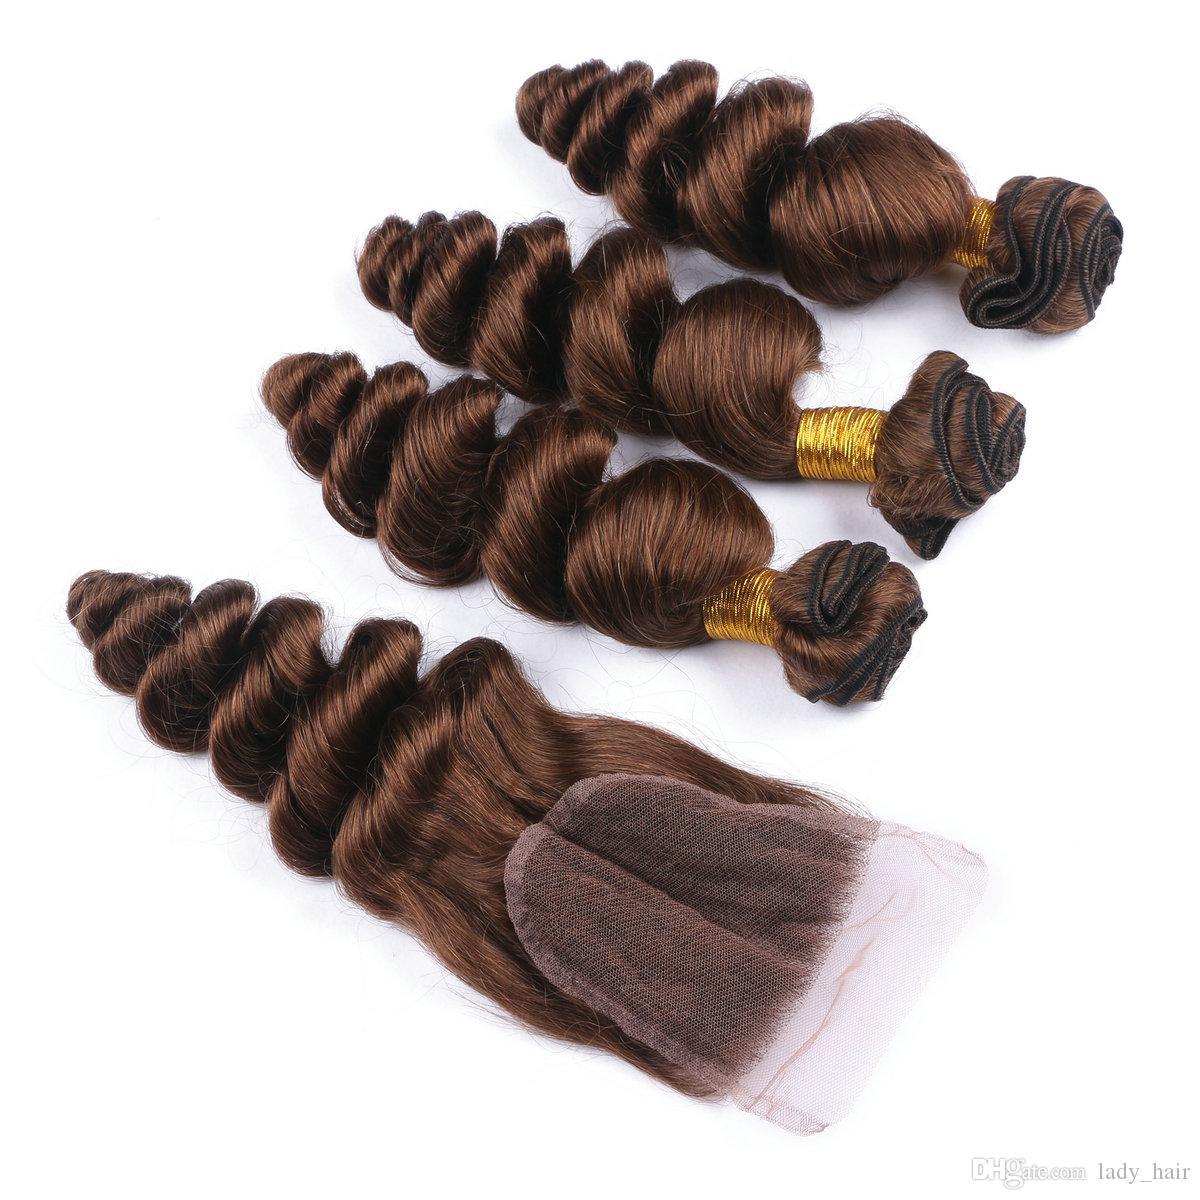 # 4 Mittlere braune reine peruanische Menschenhaar-Einschlagfäden mit Schließung 4Pcs Los Schokoladenbrauner vorderer Spitze-Schließung 4x4 mit loser Welle 3Bundles